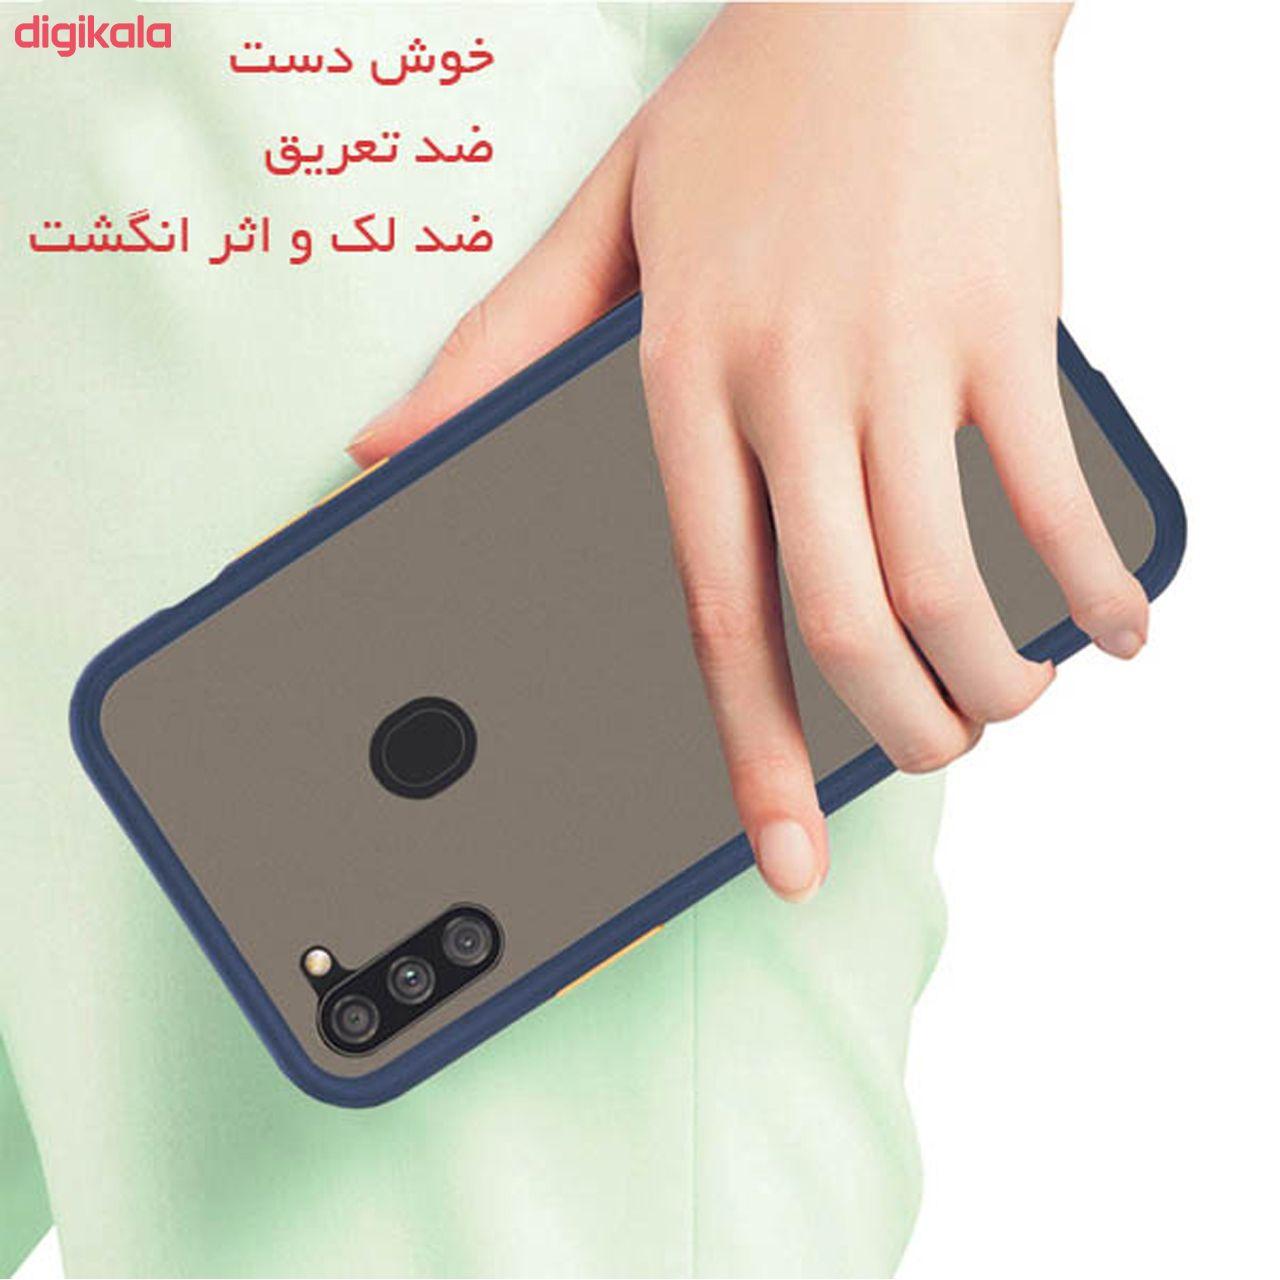 کاور کینگ پاور مدل M21 مناسب برای گوشی موبایل سامسونگ Galaxy A11 main 1 17